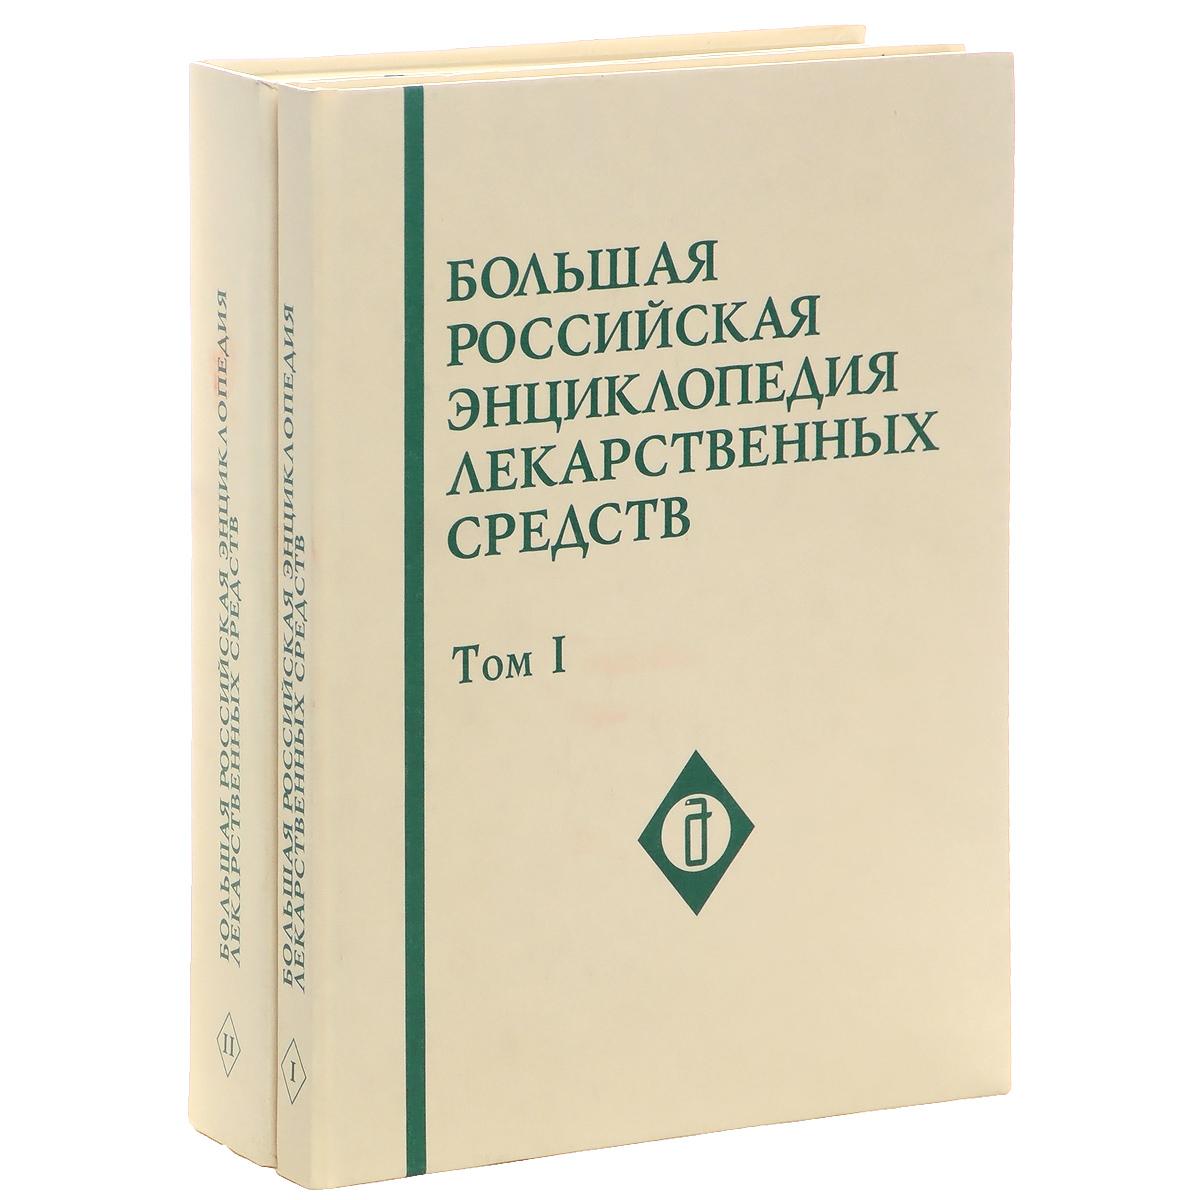 Большая российская энциклопедия лекарственных средств. В 2 томах (комплект)